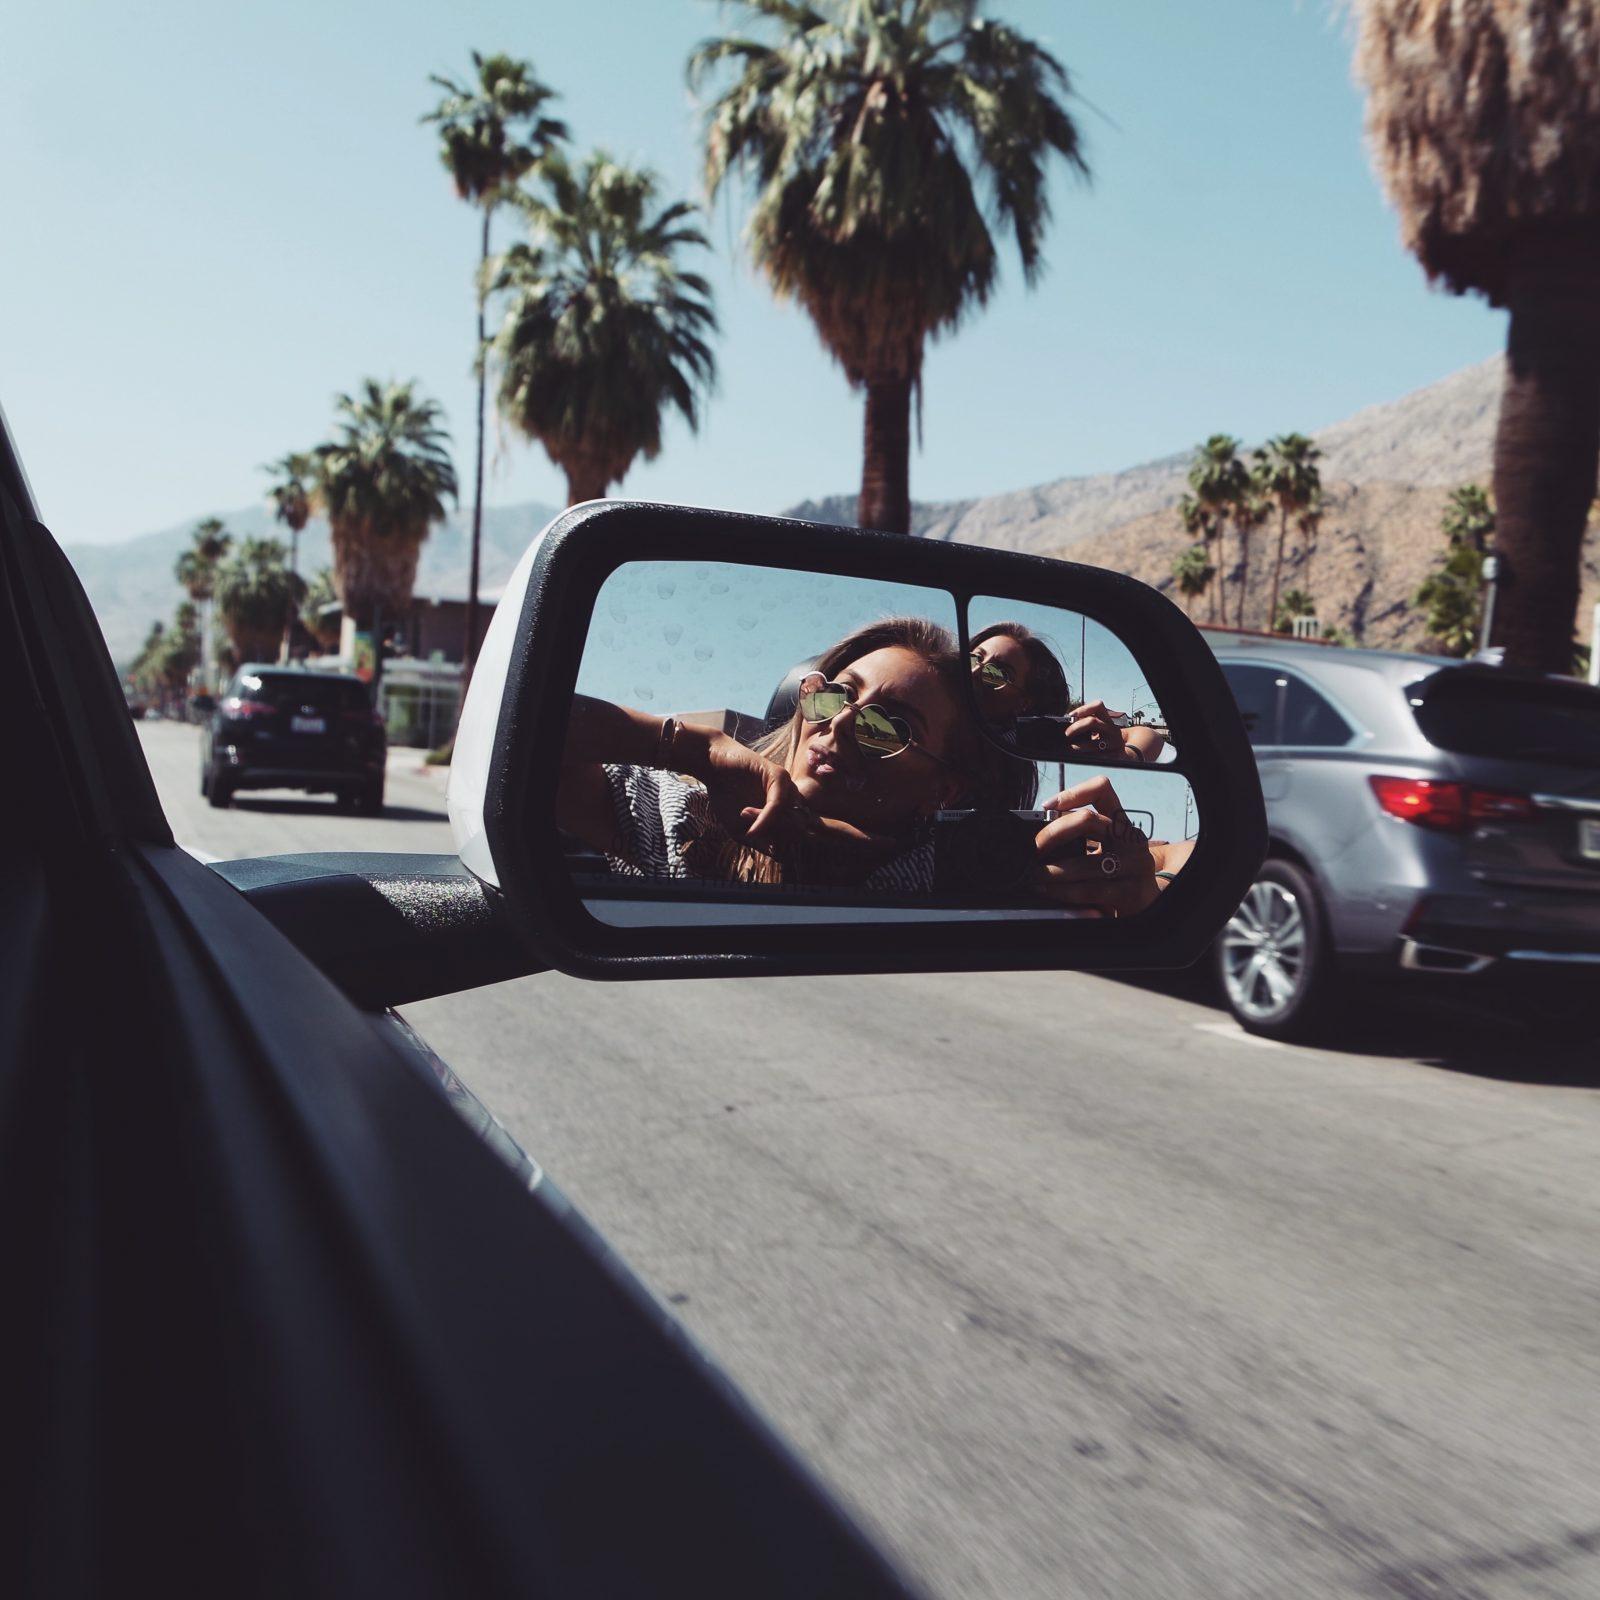 Revolve Festival - Mirror Selfie